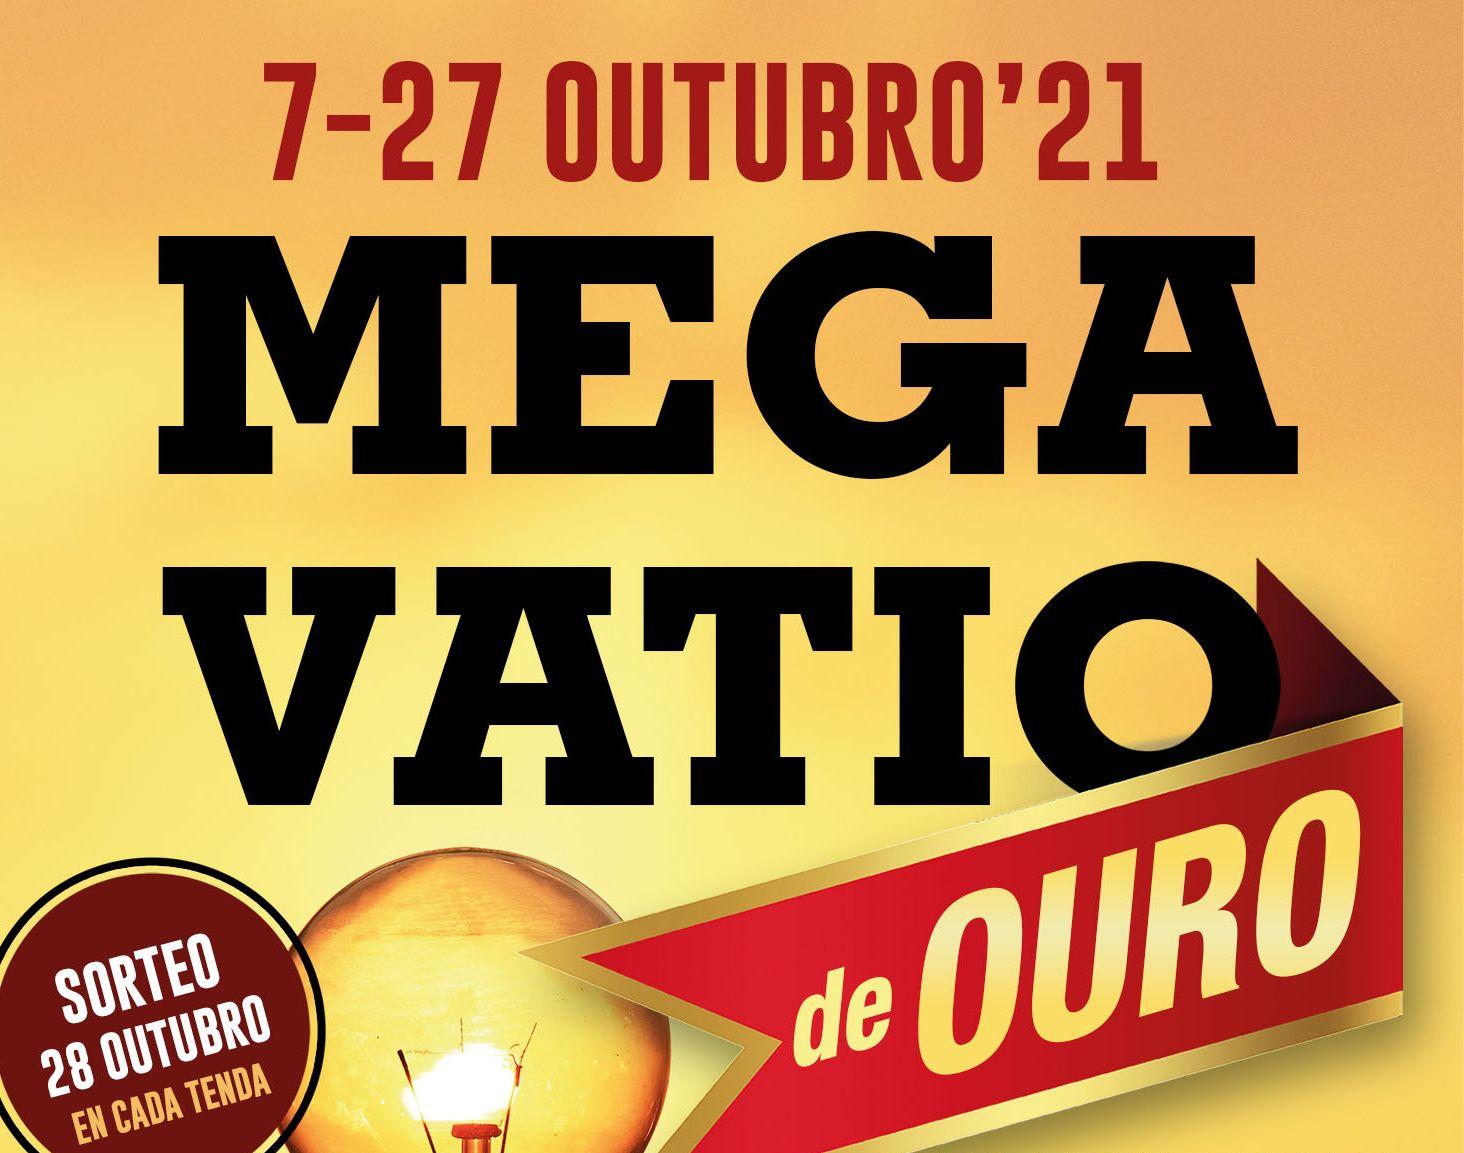 Ata o 27 de outubro segue a campaña Megavatio de Ouro, que organiza AciaFozCCA e que repartirá 5.000 euros en premios